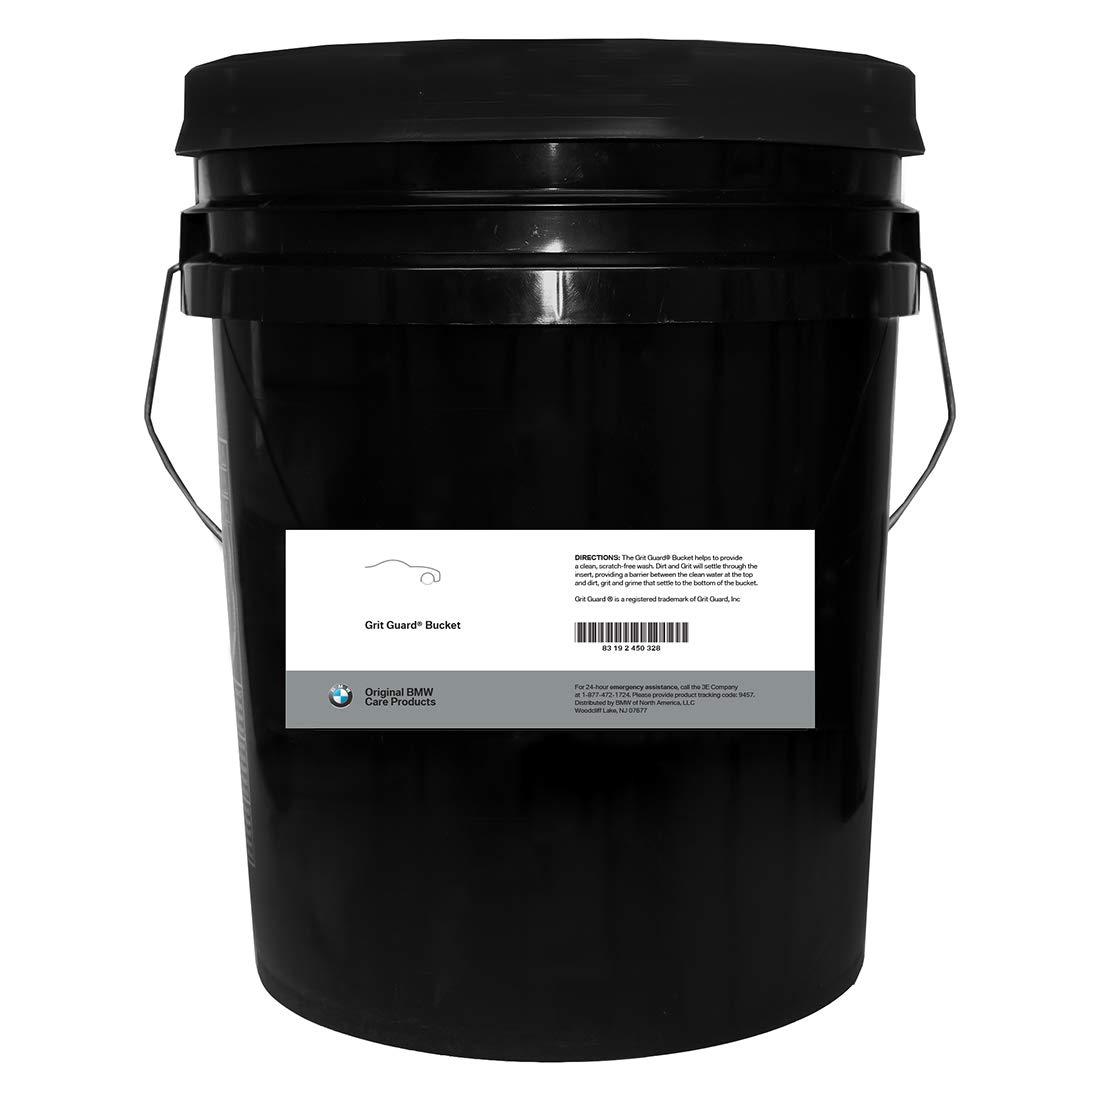 BMW Grit Guard Bucket 83192450328